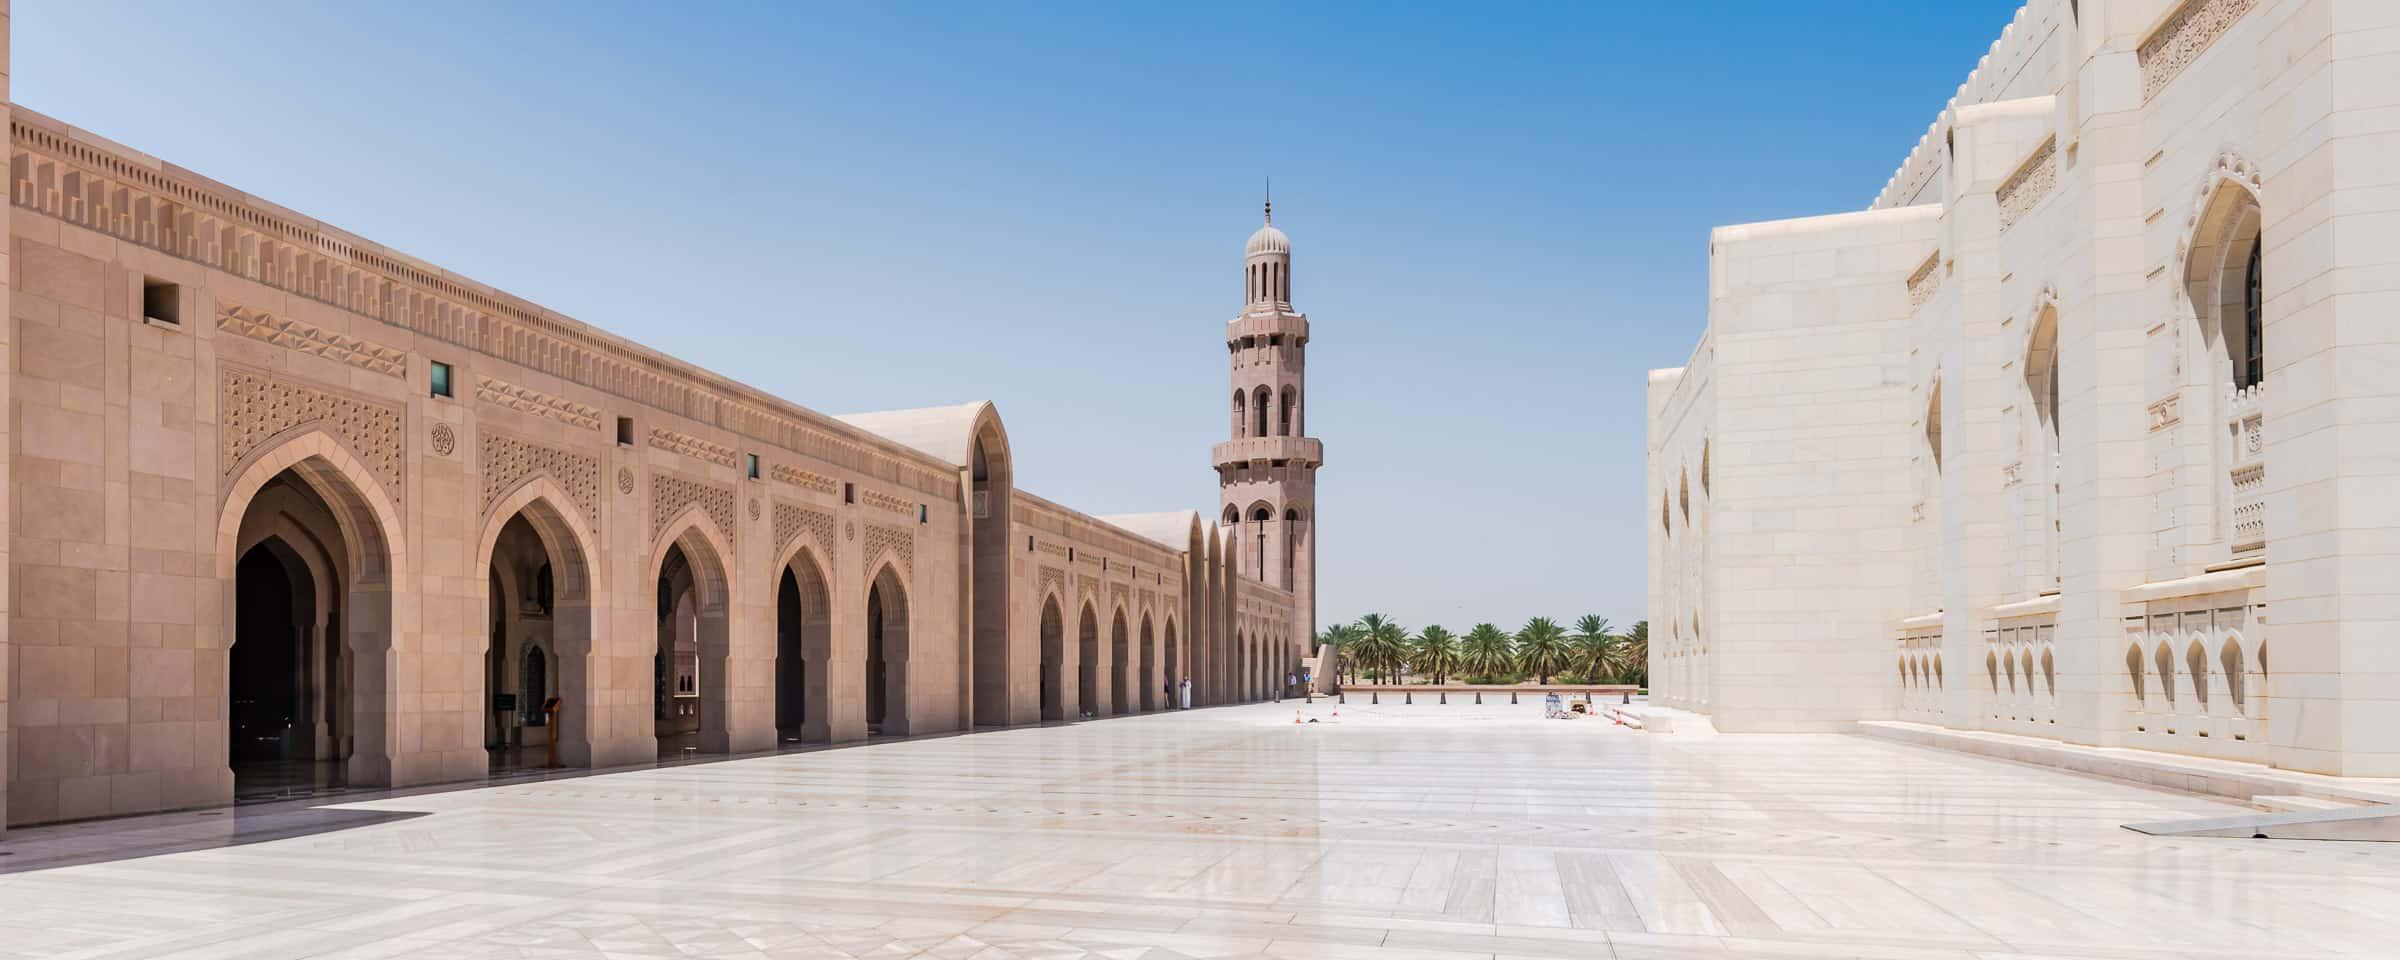 De grote moskee van Oman